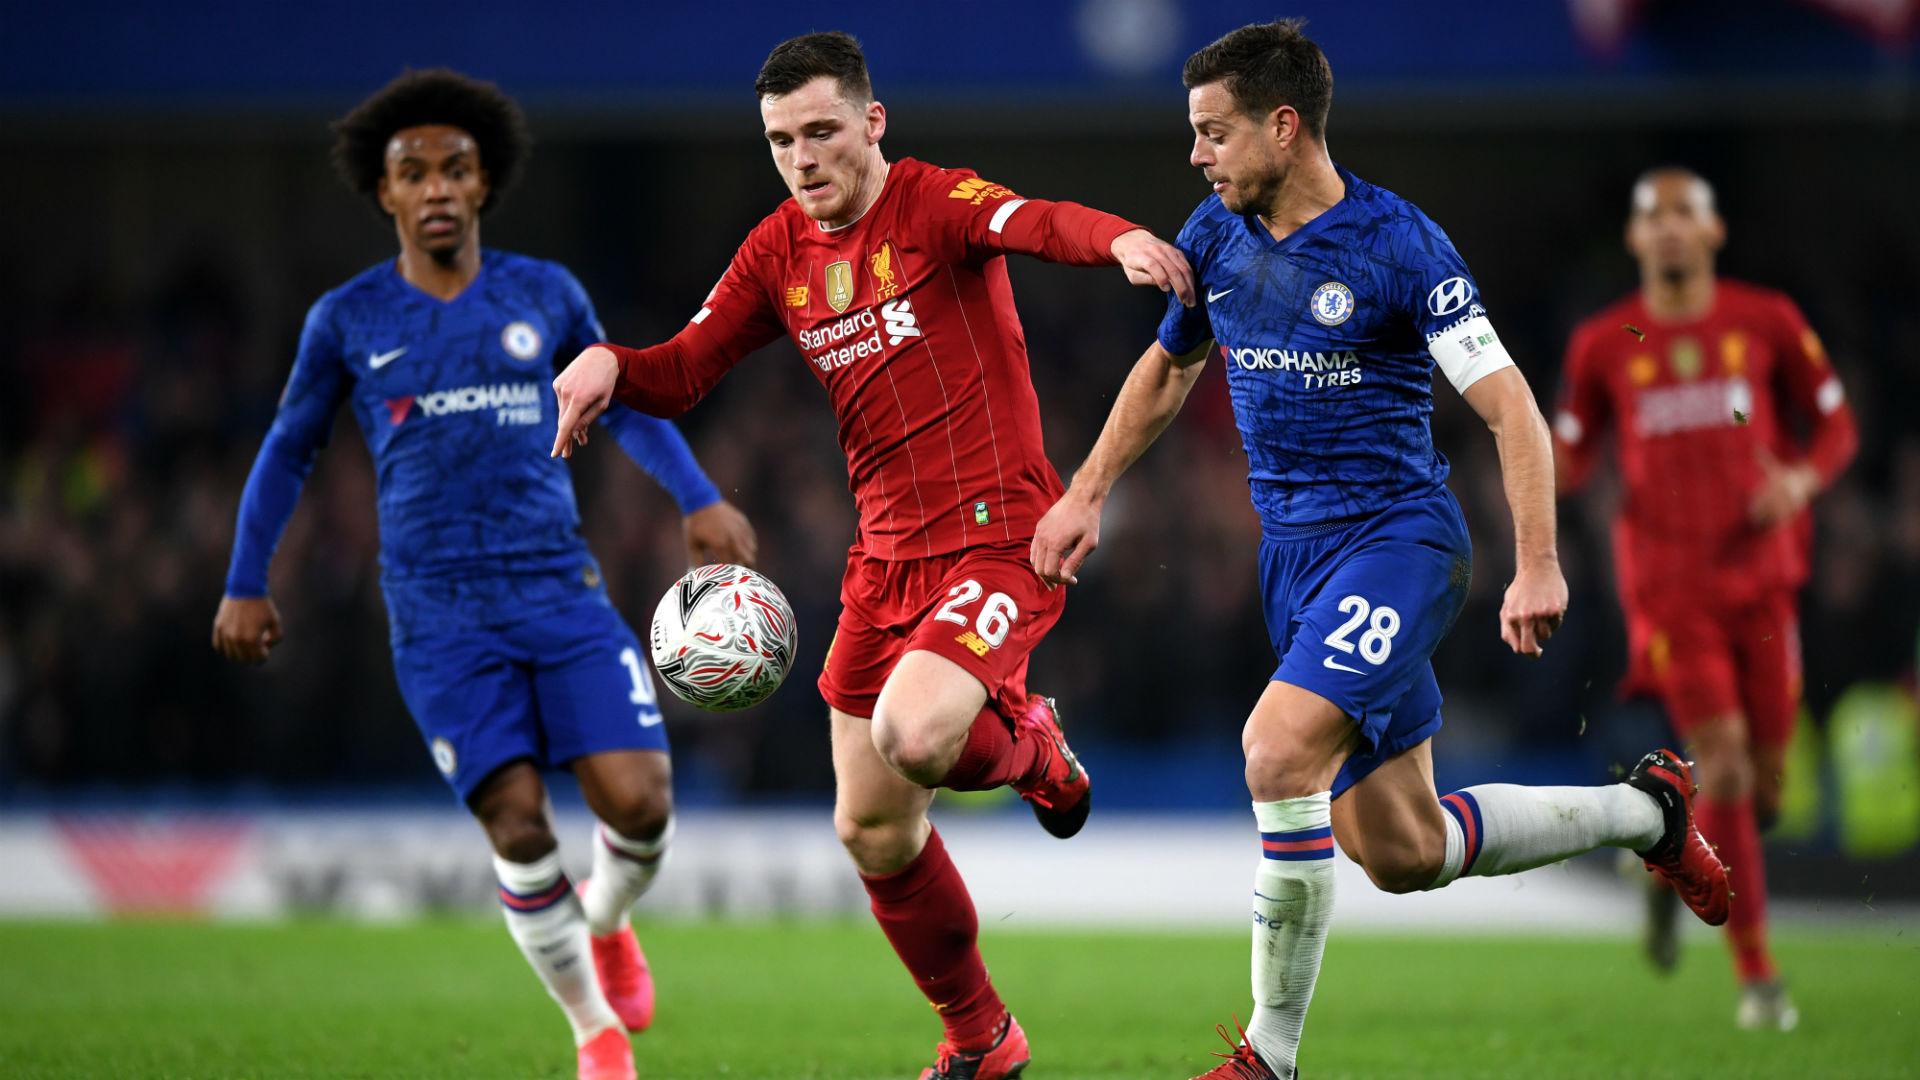 Reprise De Chelsea X Liverpool Onde Assistir Horario E Mais Das Oitavas De Final Da Fa Cup 2019 20 Goal Com